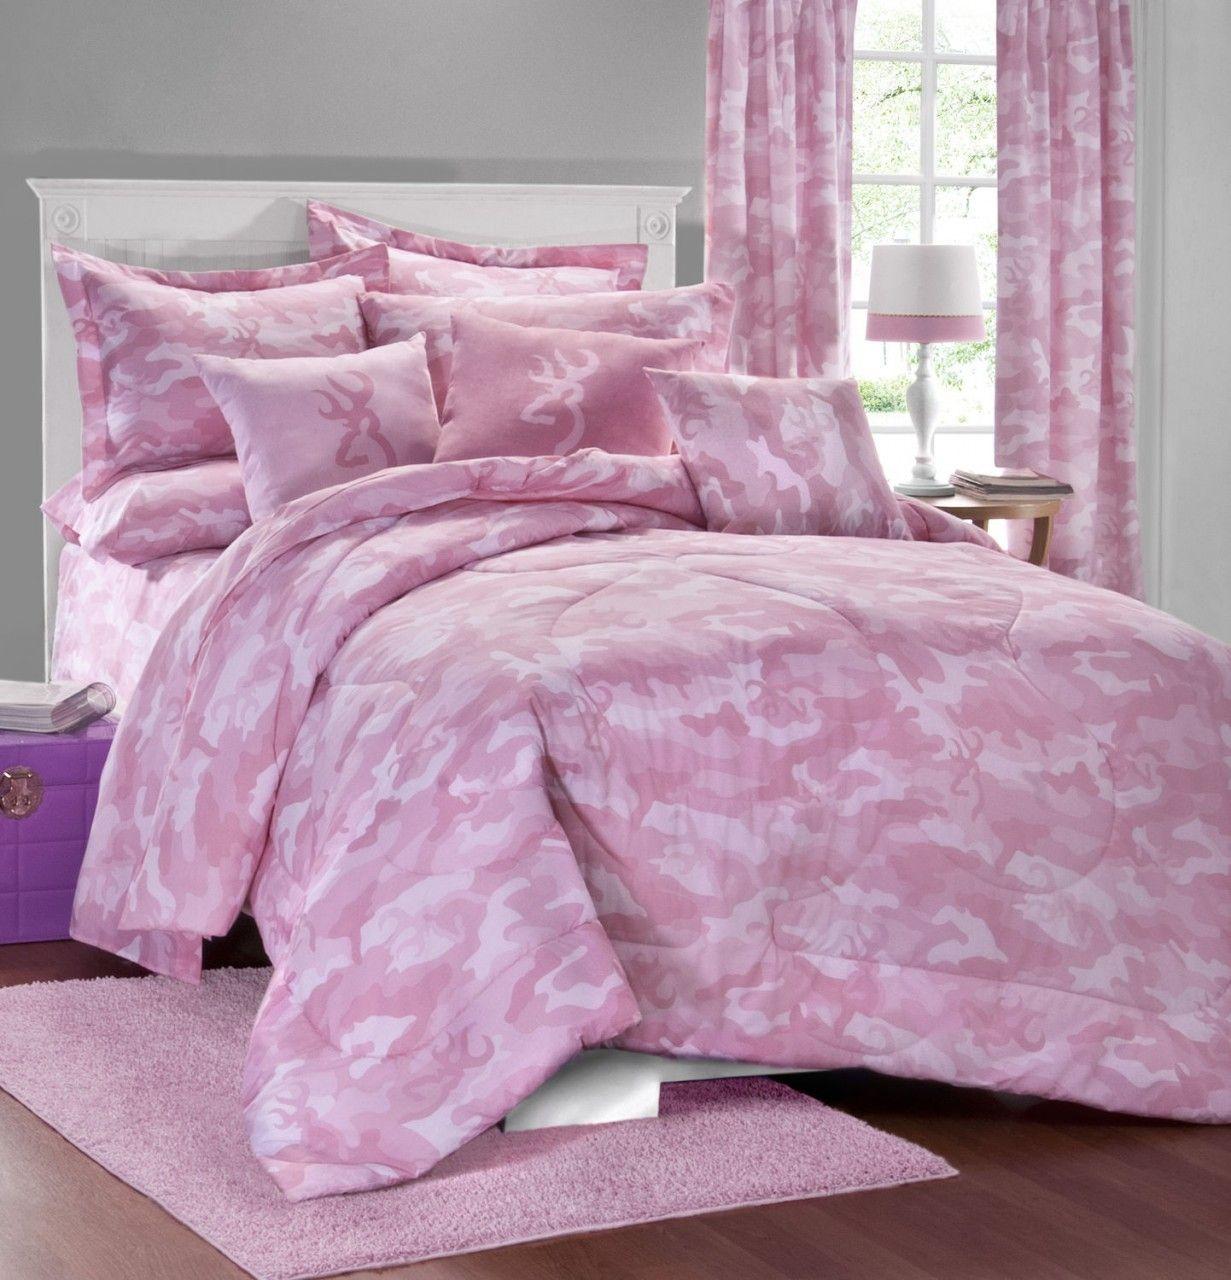 Camo Beds Browning Buckmark Camo Pink 7 PC Comforter Set